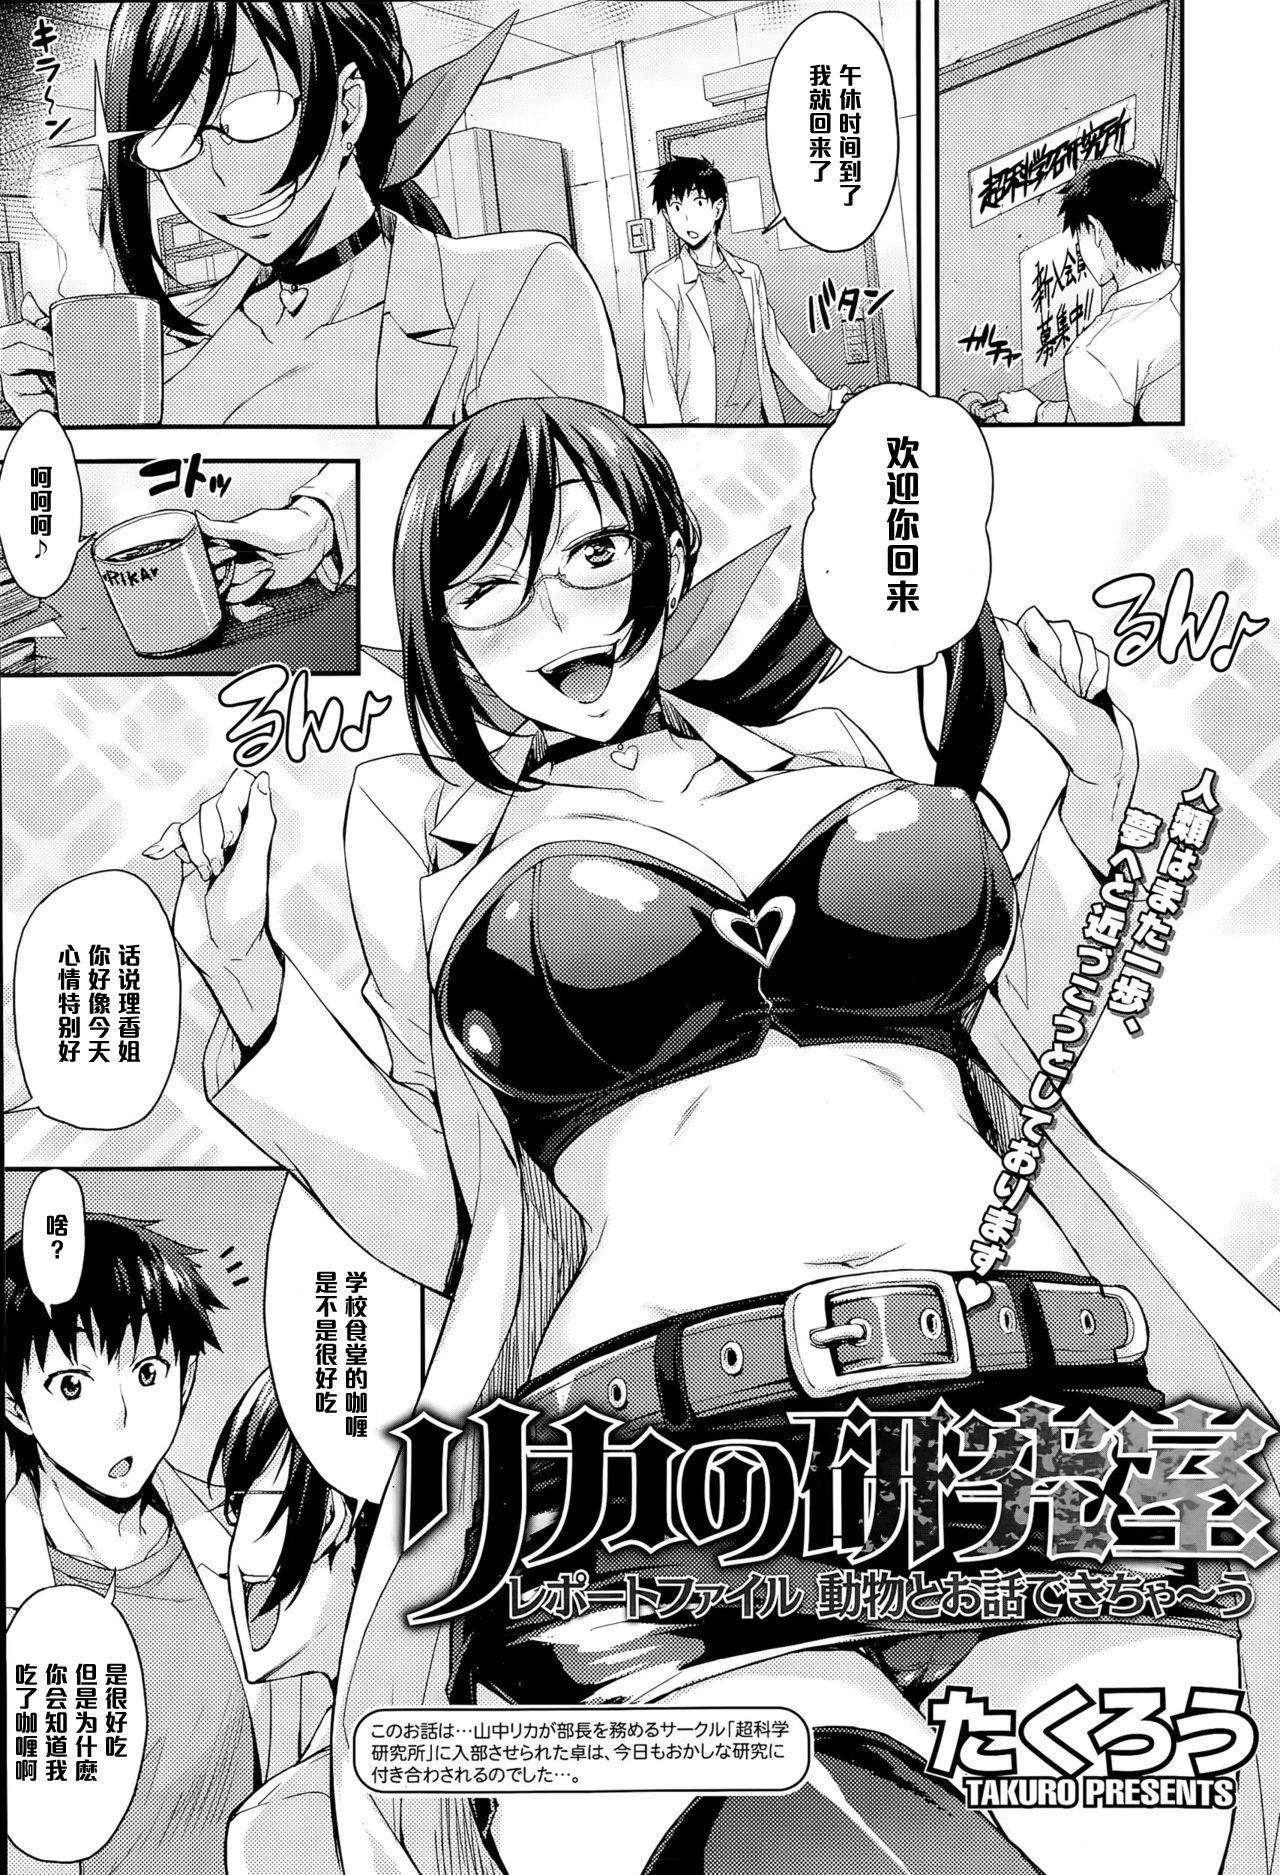 Rika no Kenkyuushitsu Report File Doubutsu to Ohanashi Dekichau 0